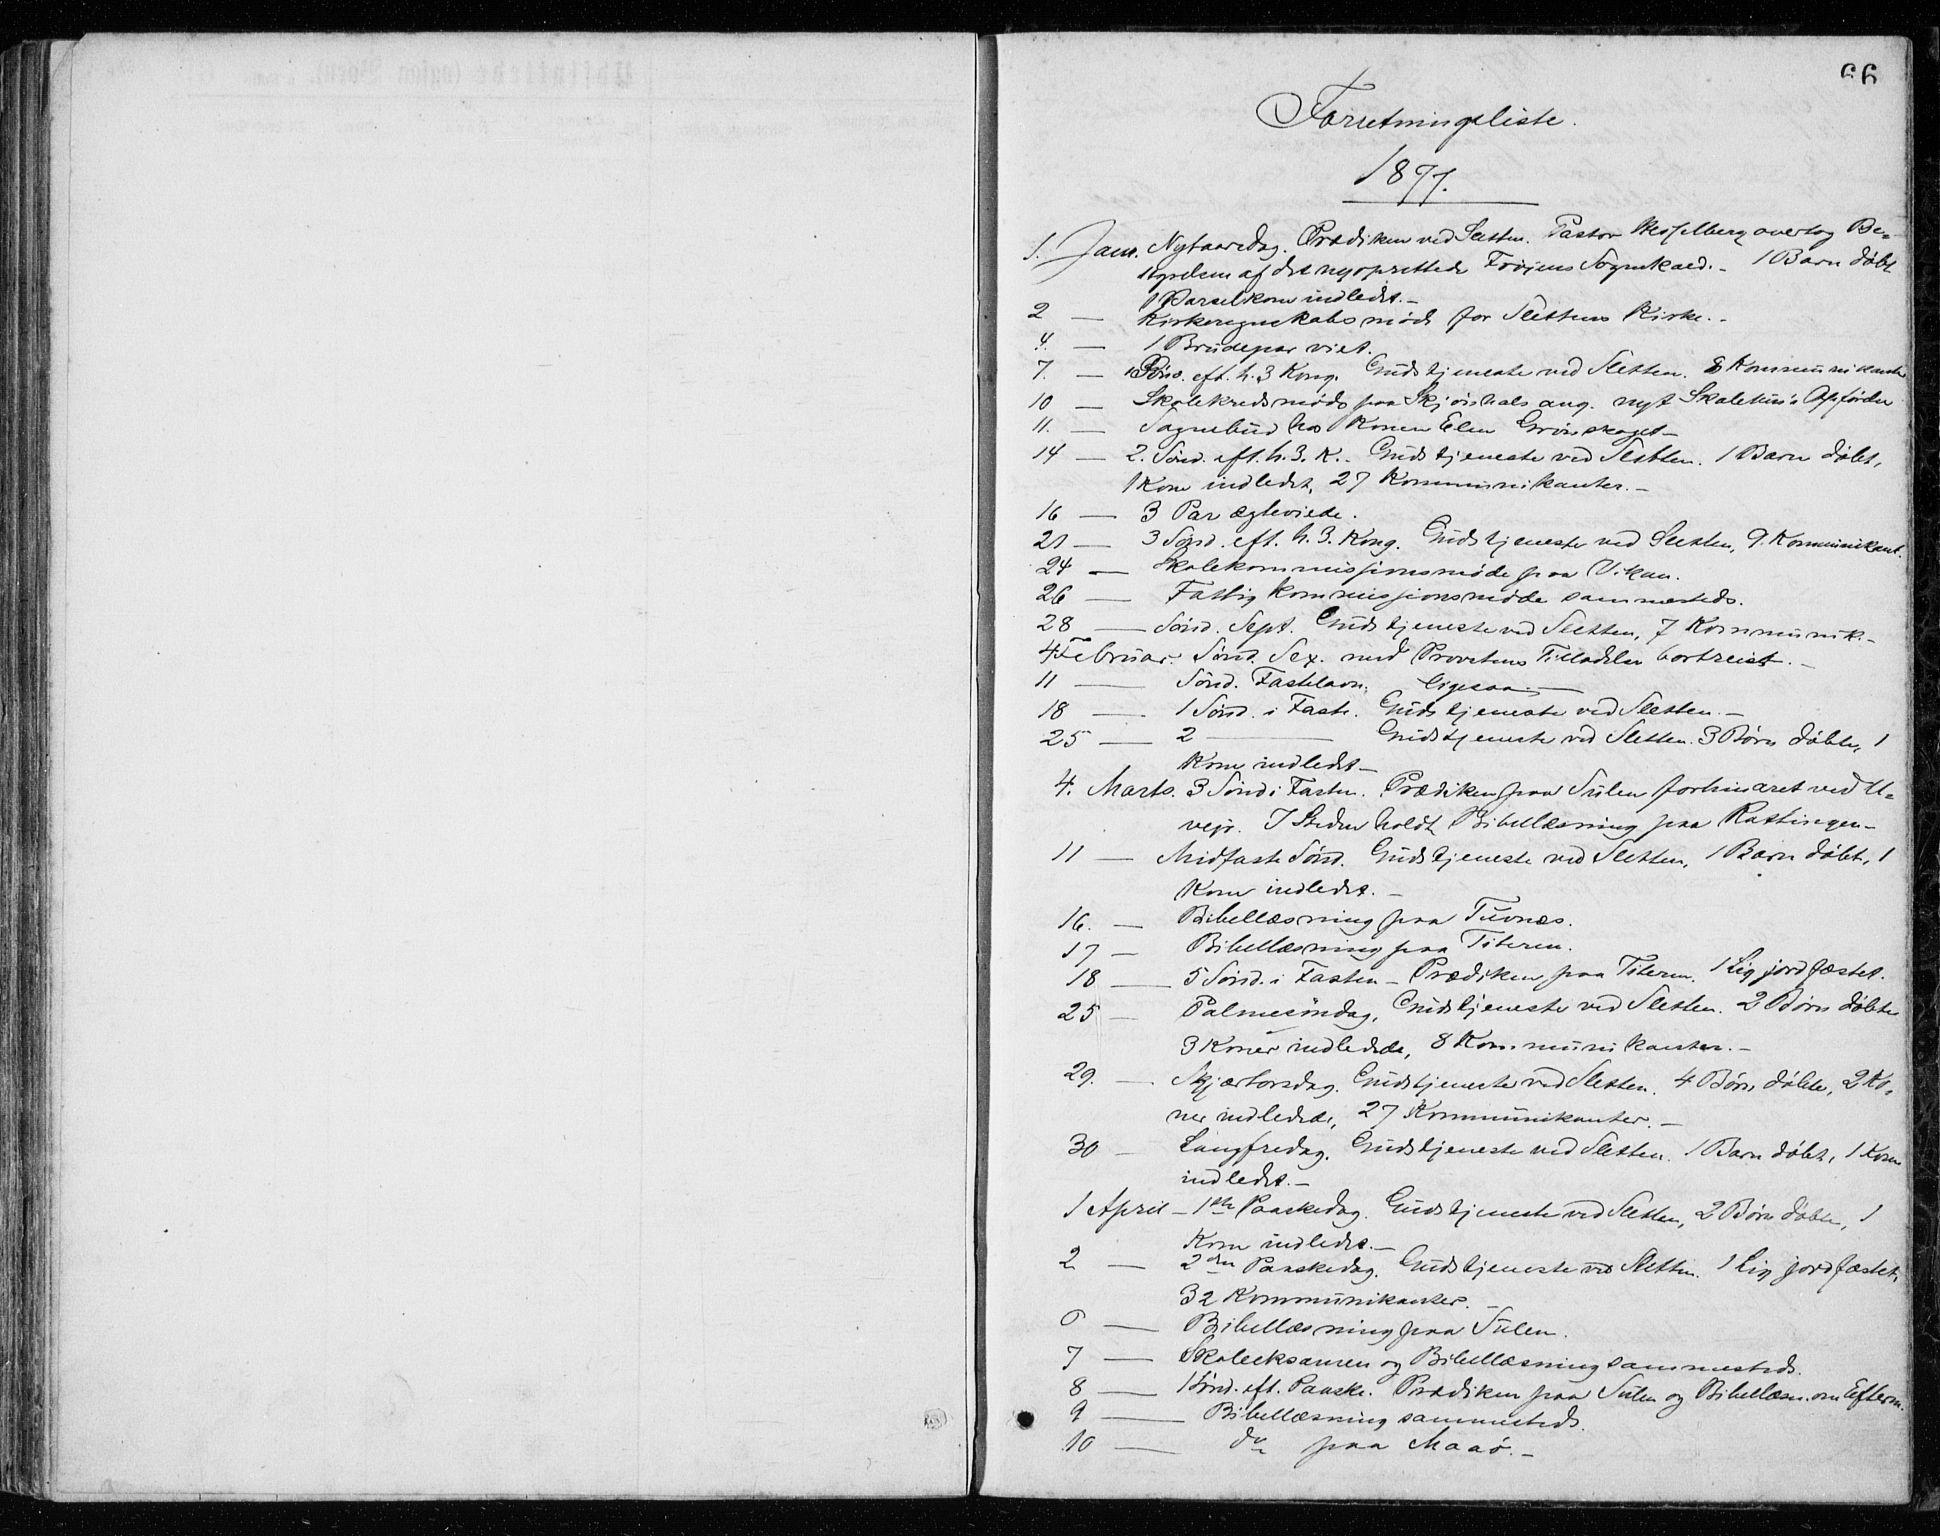 SAT, Ministerialprotokoller, klokkerbøker og fødselsregistre - Sør-Trøndelag, 640/L0577: Ministerialbok nr. 640A02, 1877-1878, s. 66